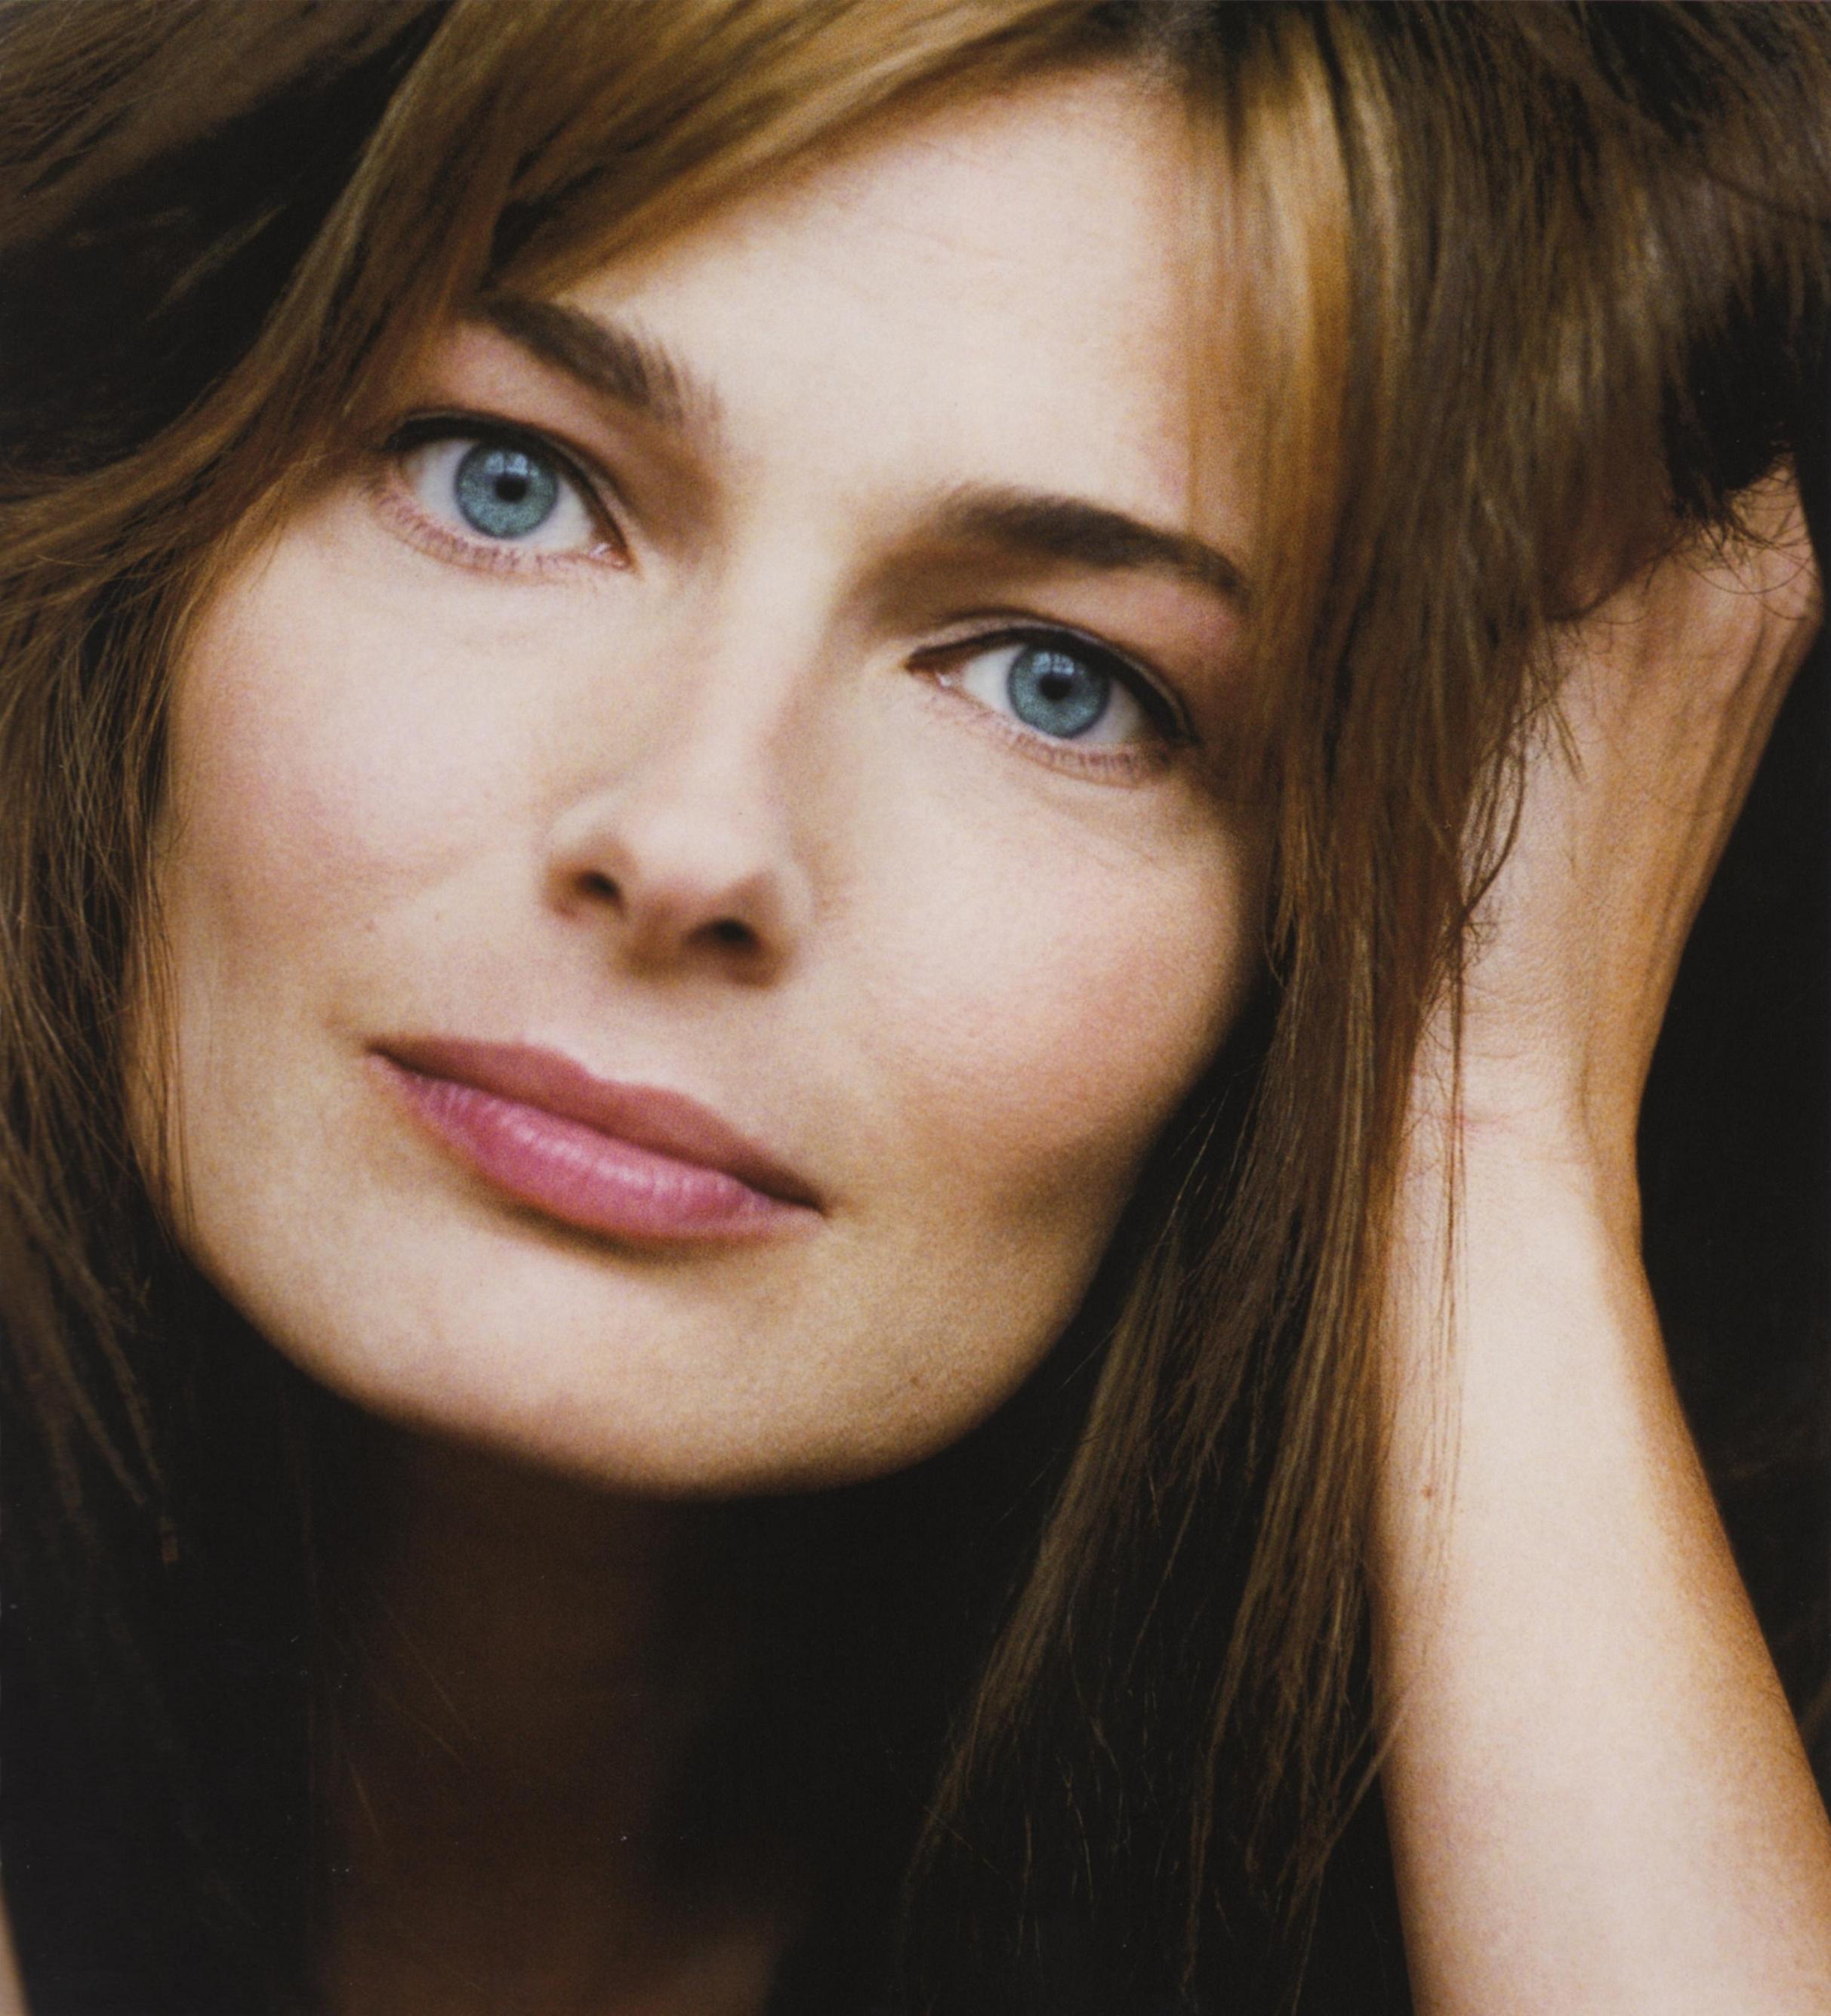 Picture of Paulina Porizkova